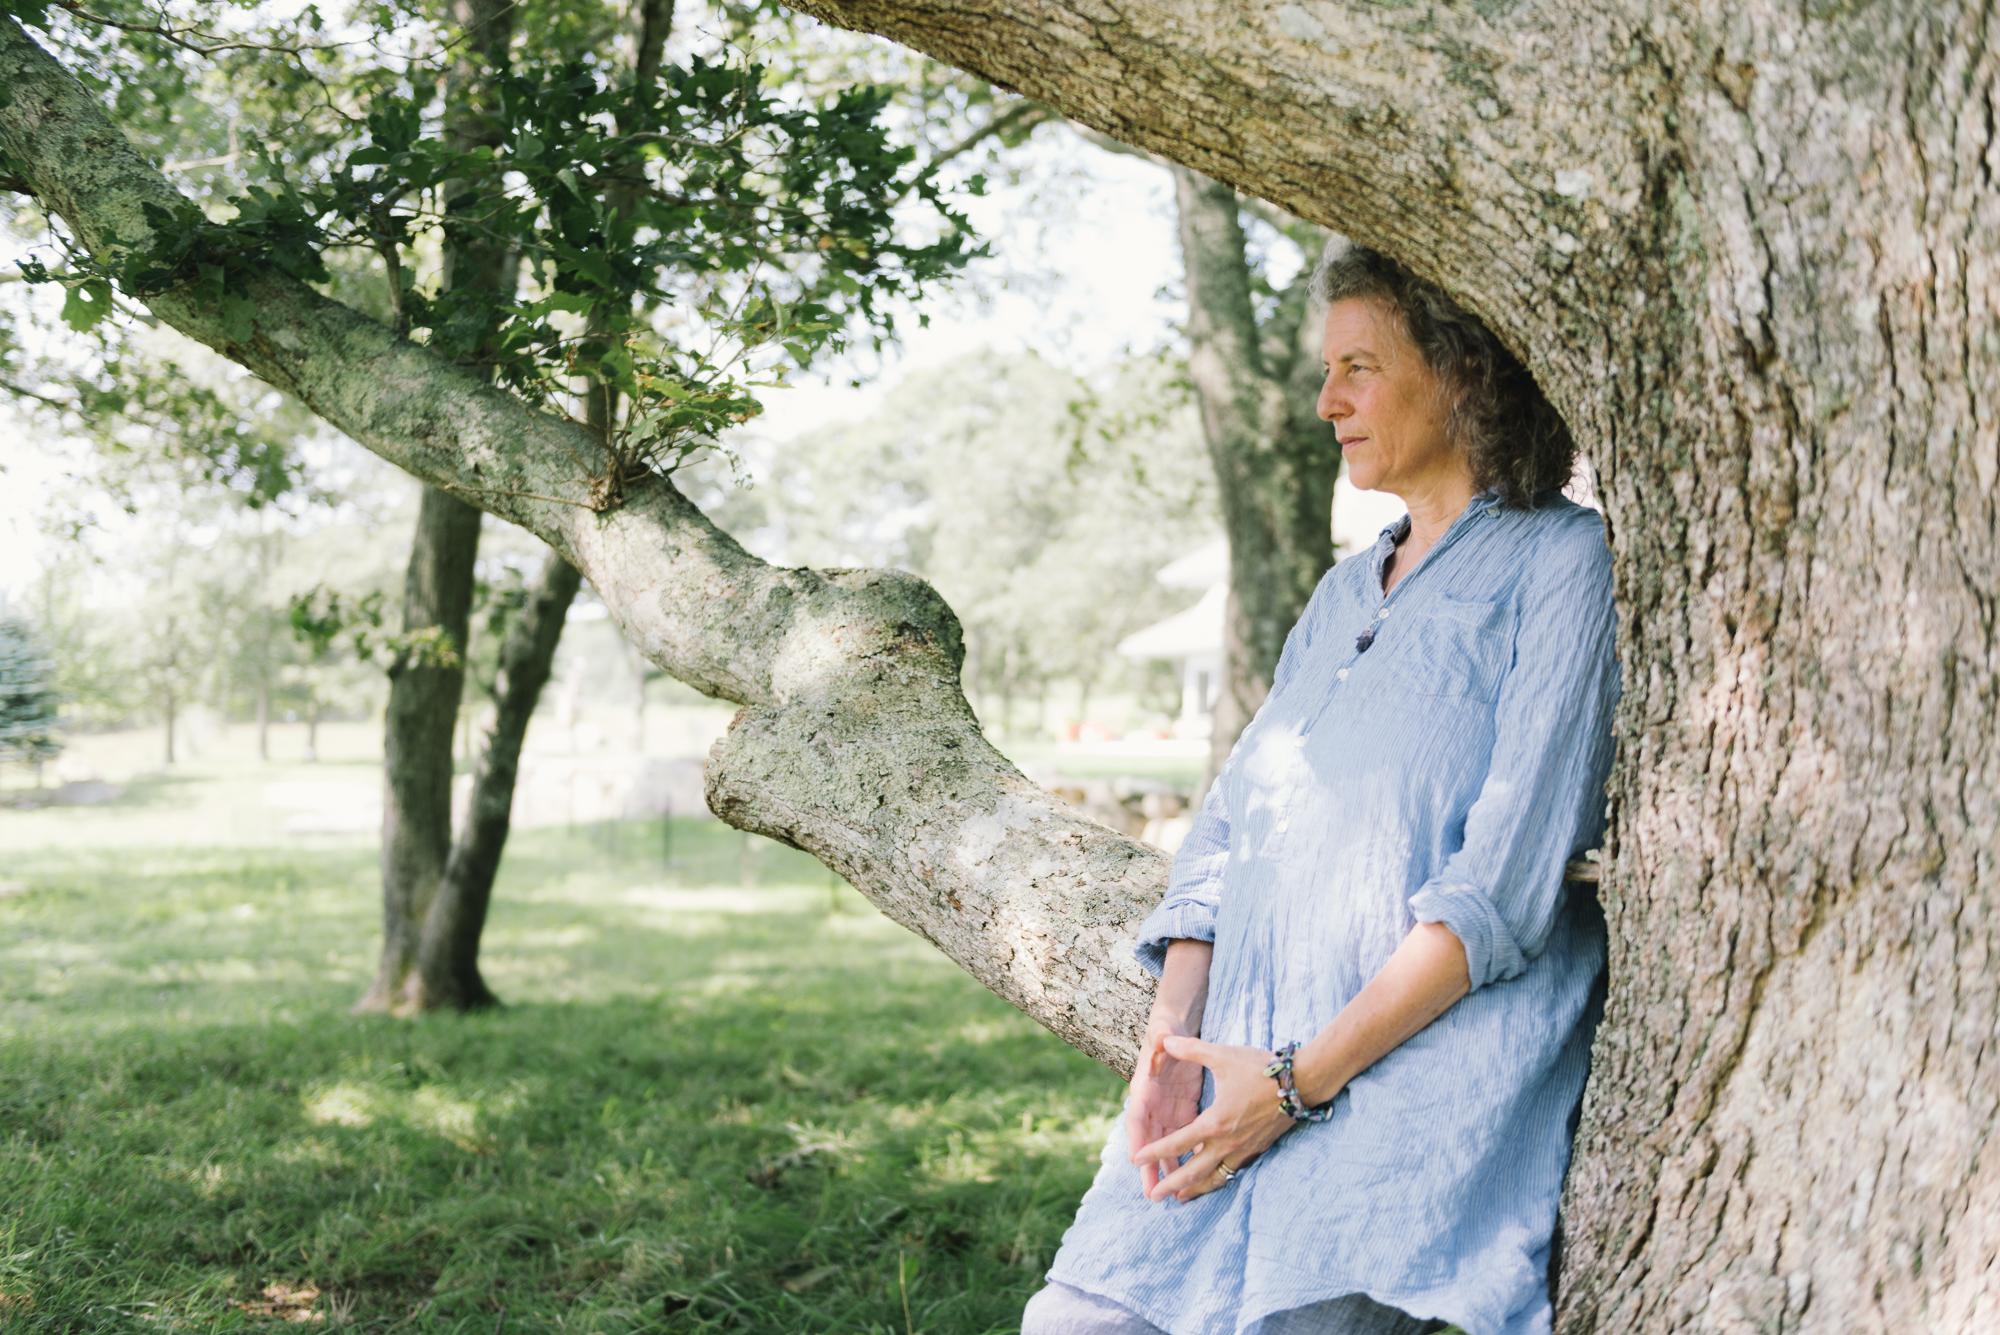 Valerie Sonnenthal - Photo Editor, Sound Healer